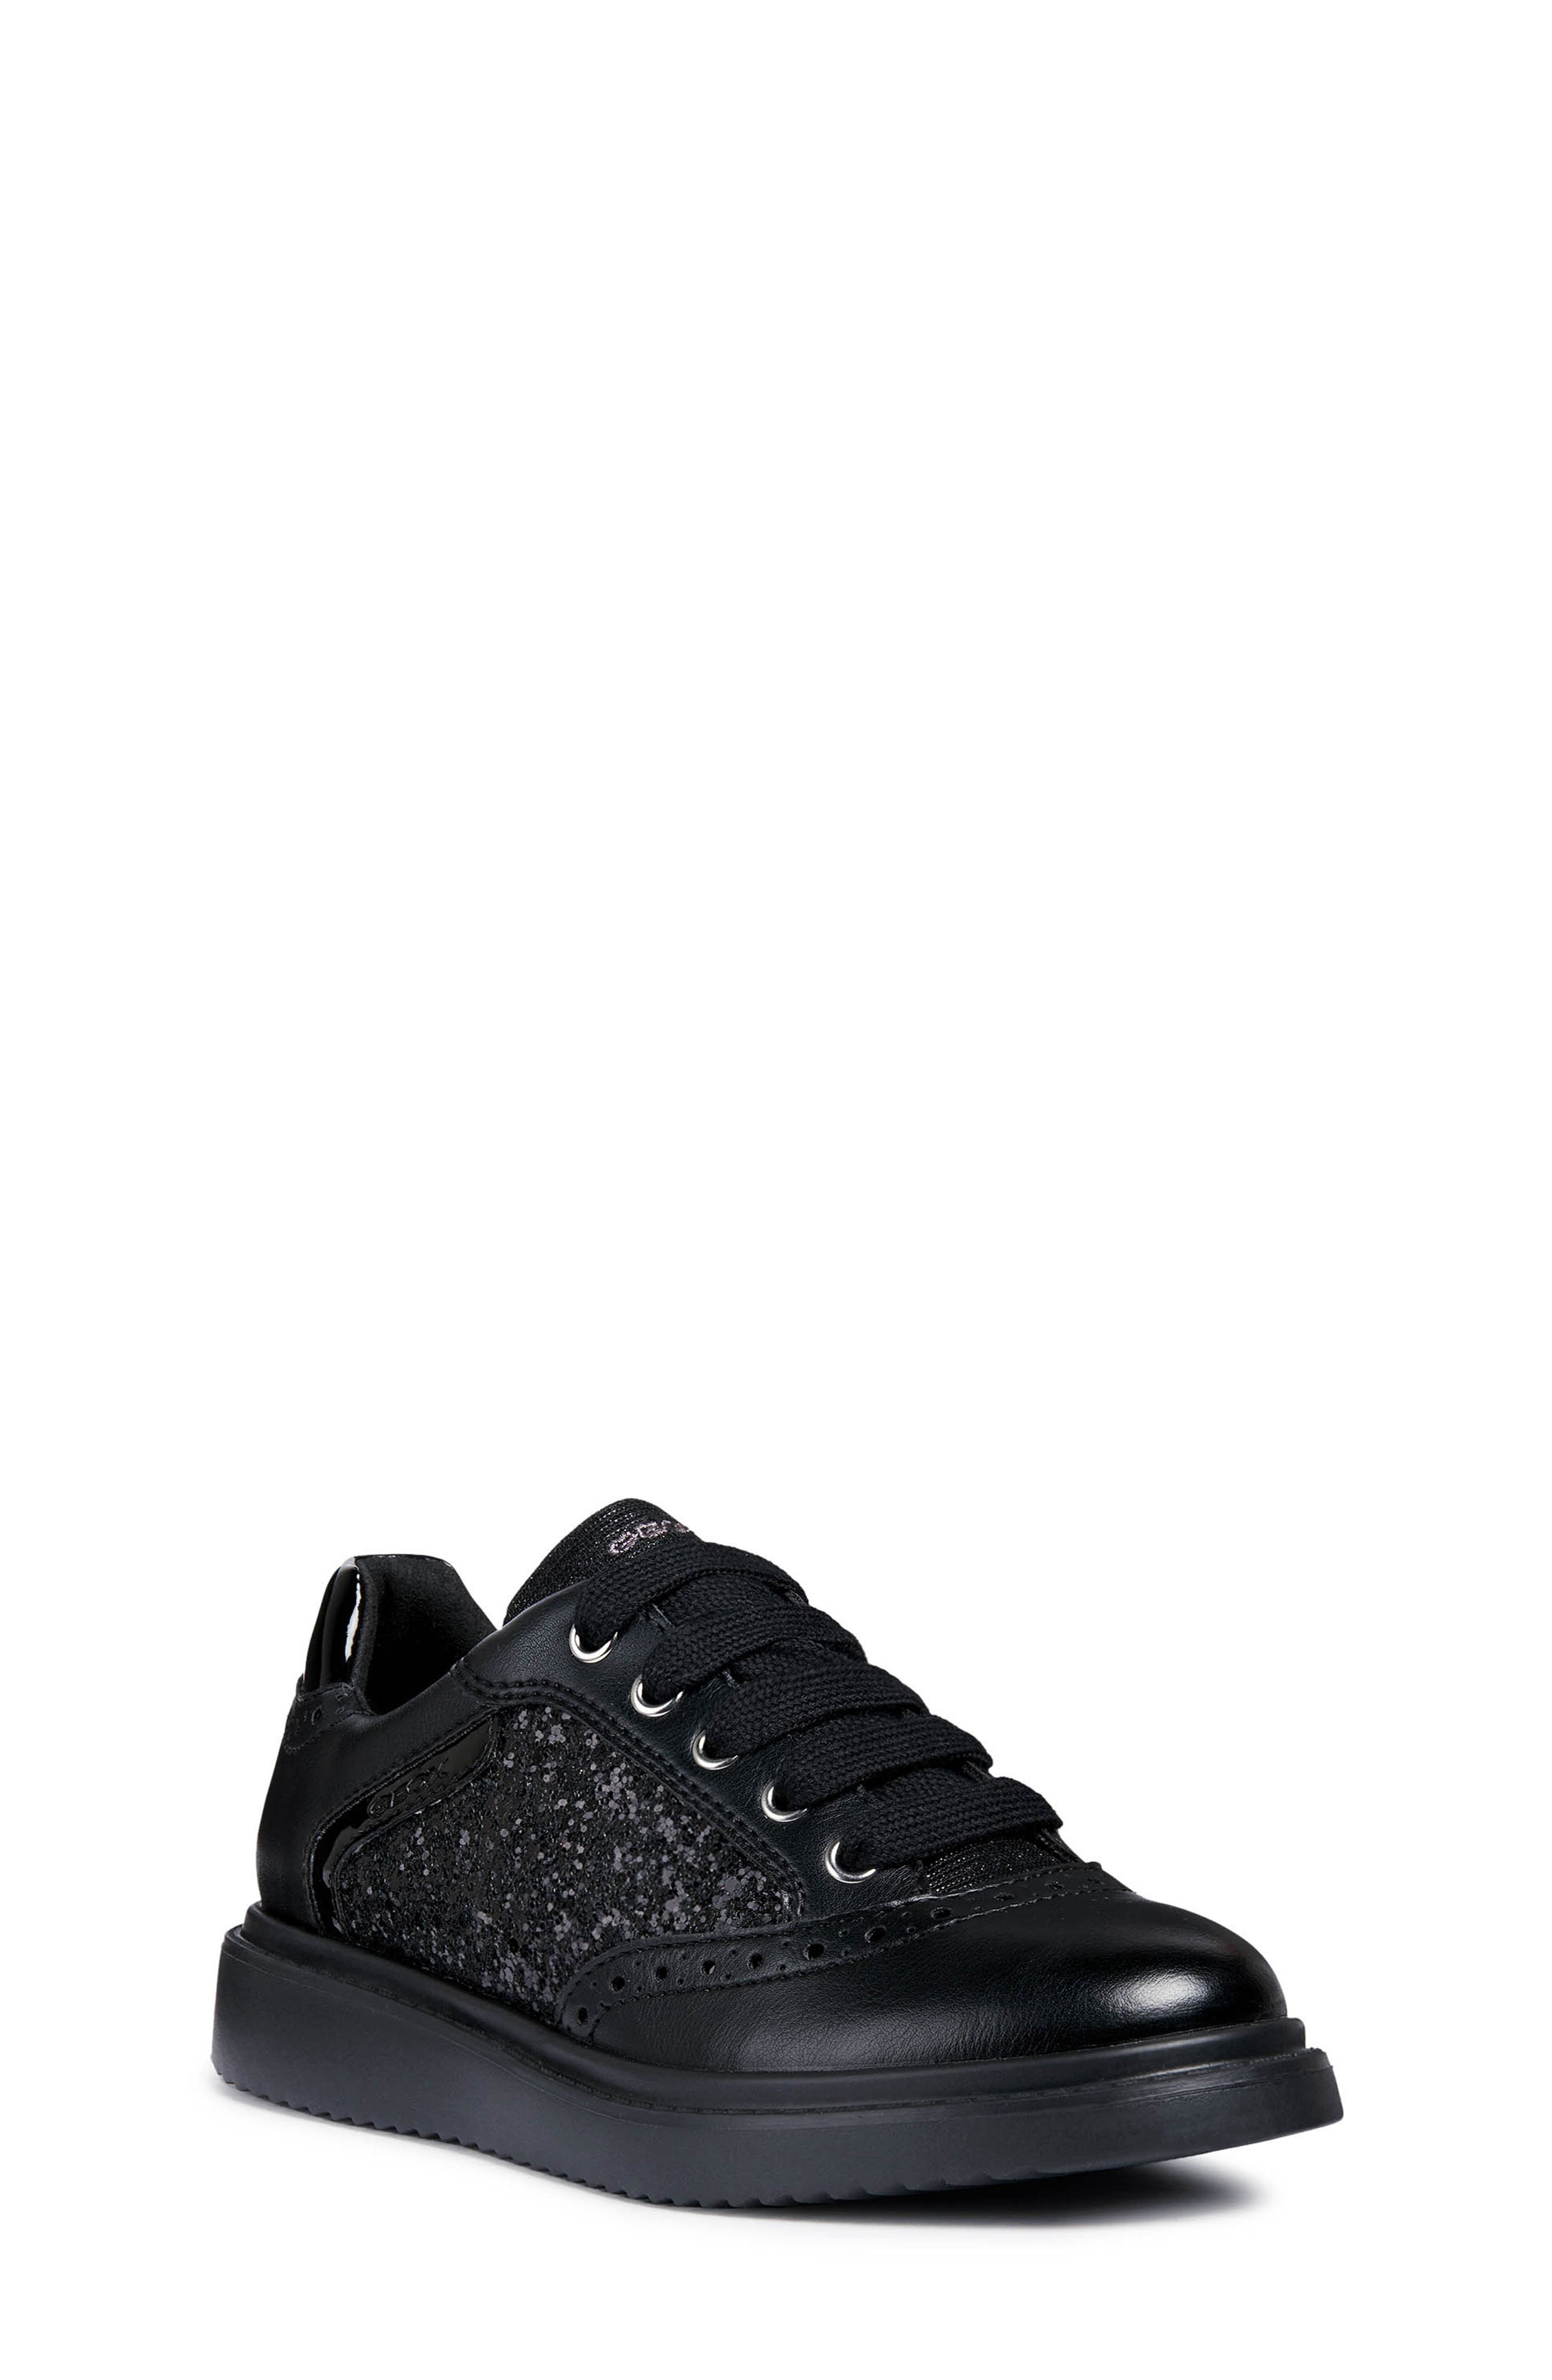 Thymar Sequin Sneaker,                         Main,                         color, BLACK